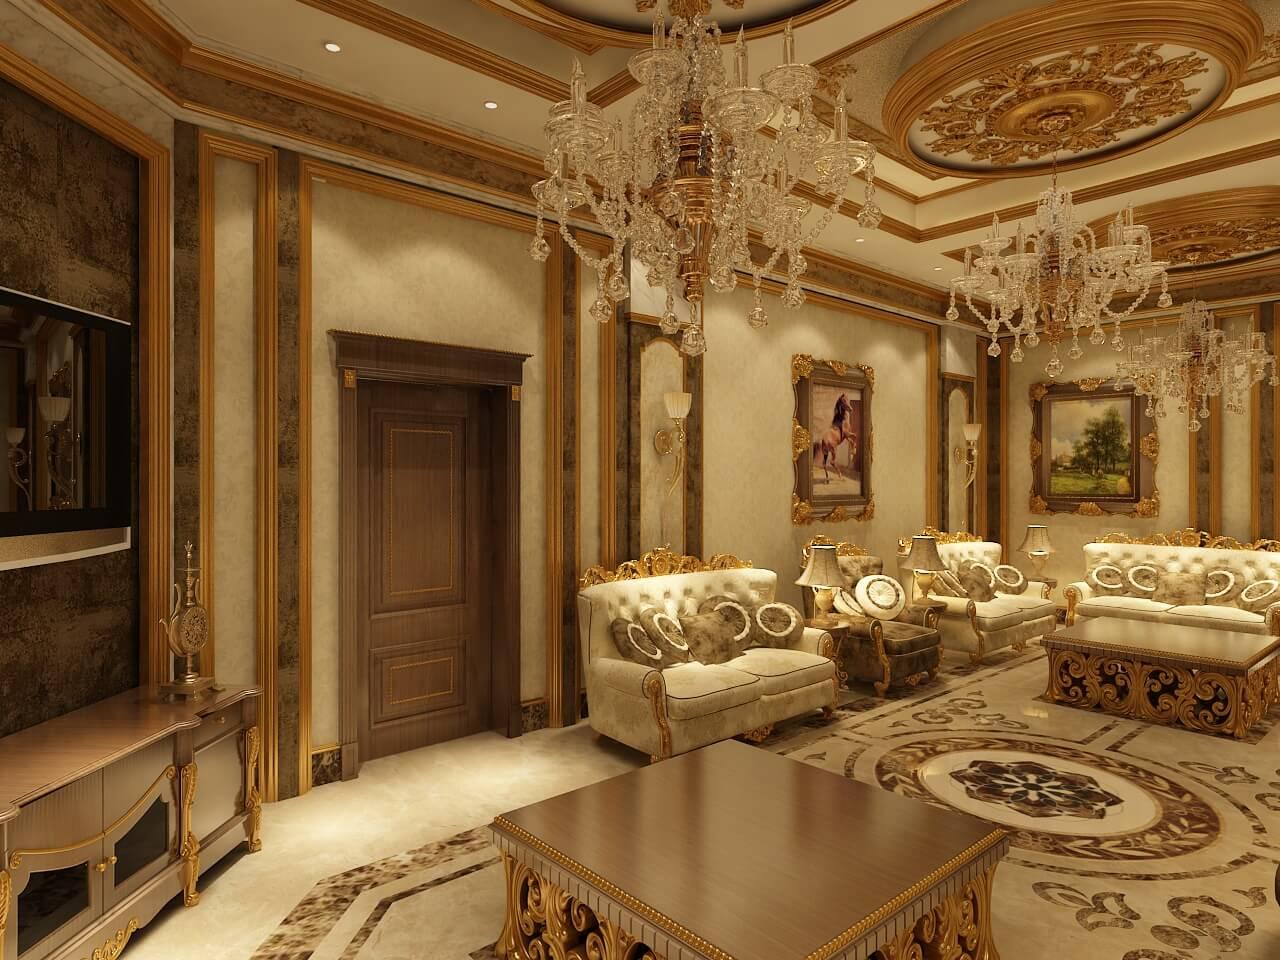 Private Villa, Emirates Hills - 12